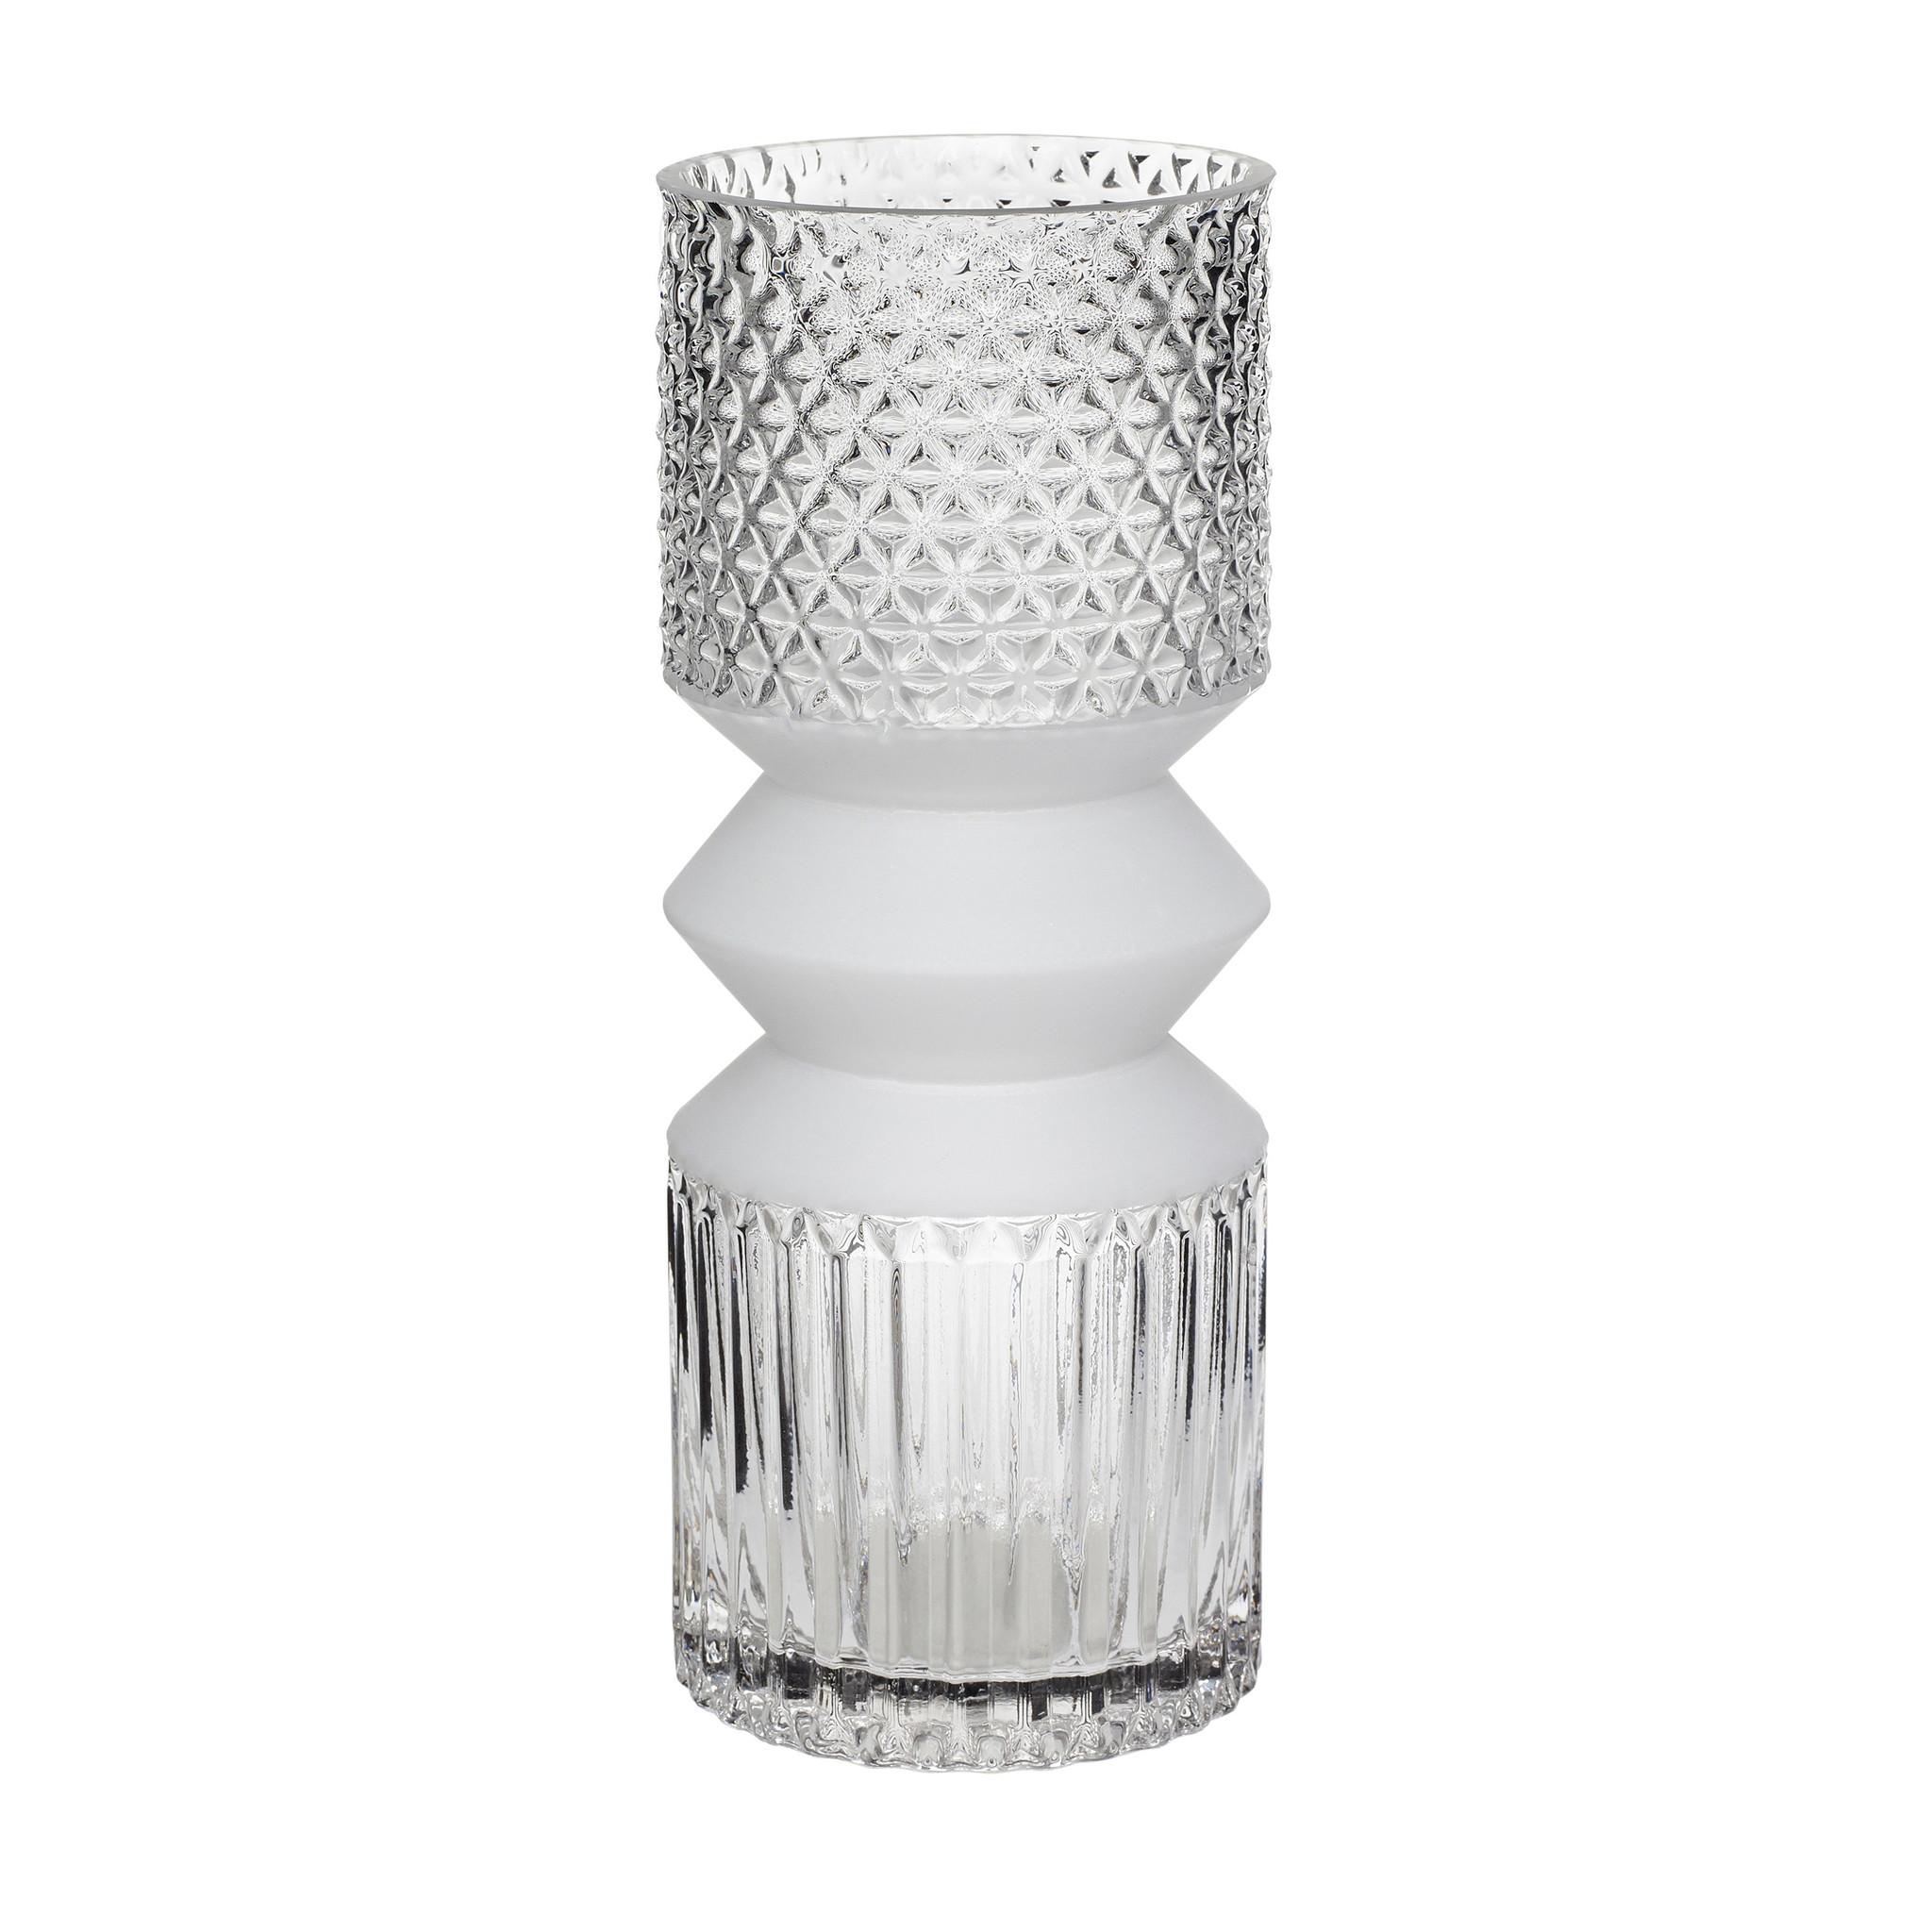 Hubsch Vaas, glas, helder-660804-5712772056493